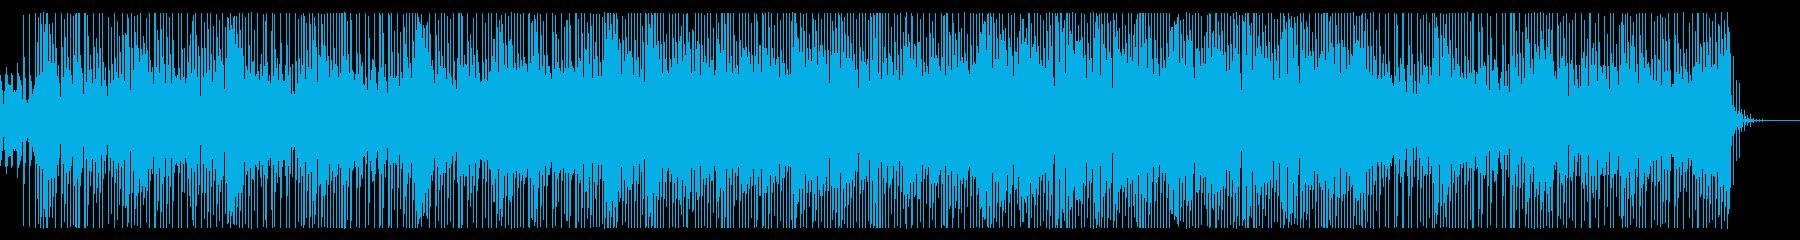 明るく元気でユーモラスな曲の再生済みの波形